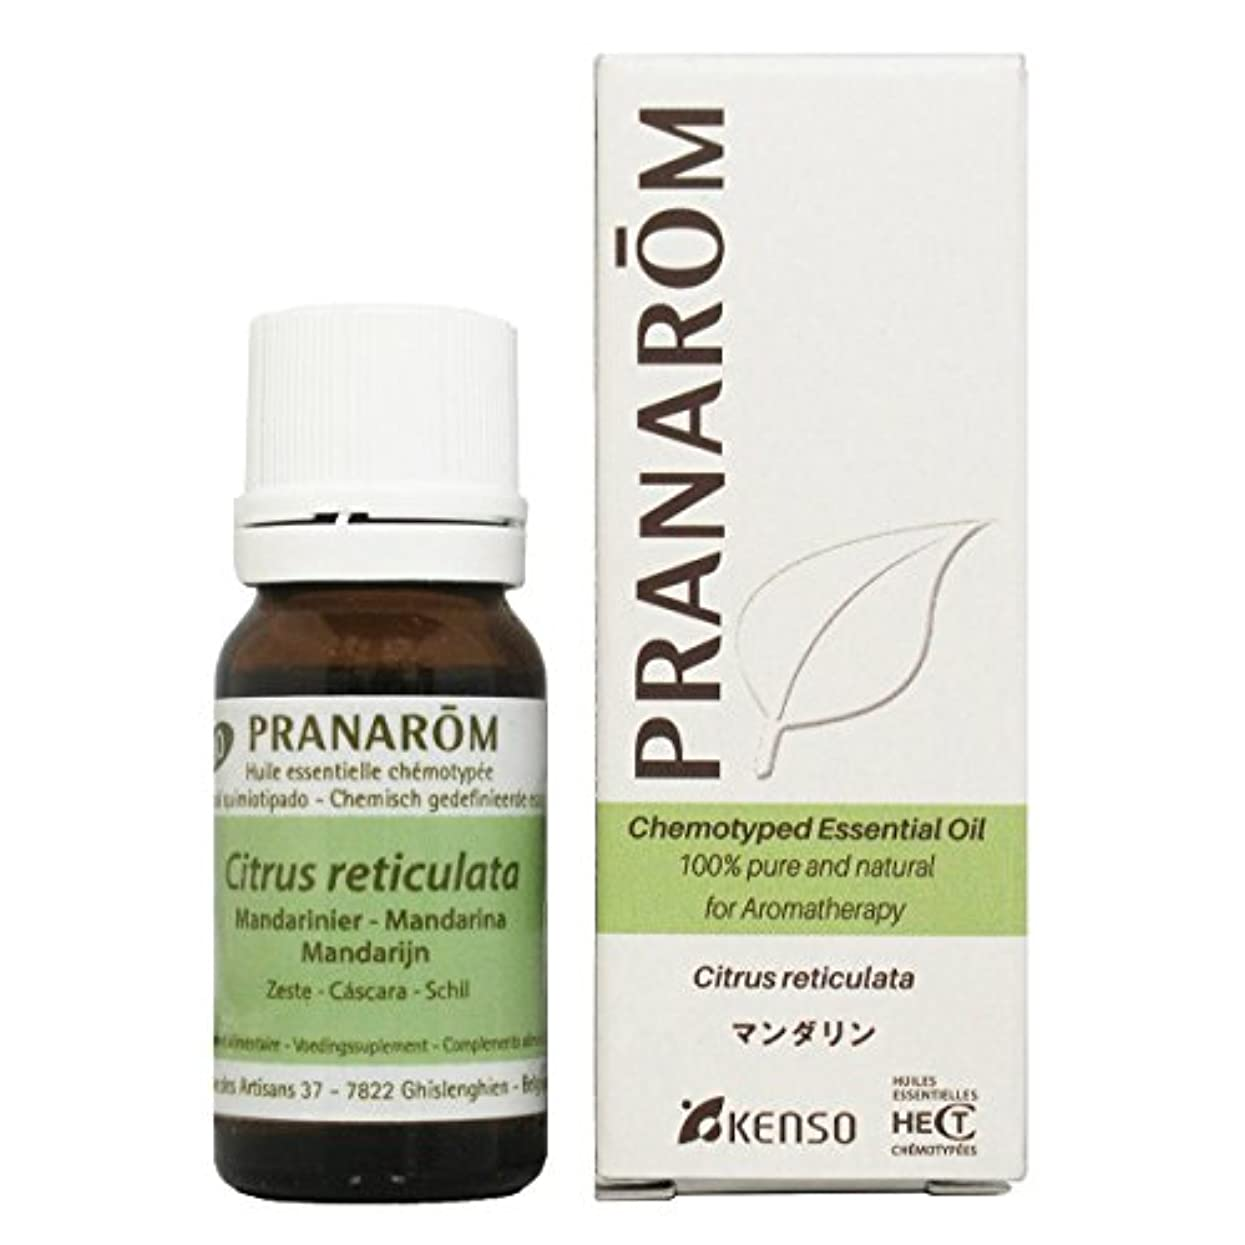 ゴミ箱を空にする追加する細胞プラナロム マンダリン 10ml (PRANAROM ケモタイプ精油)